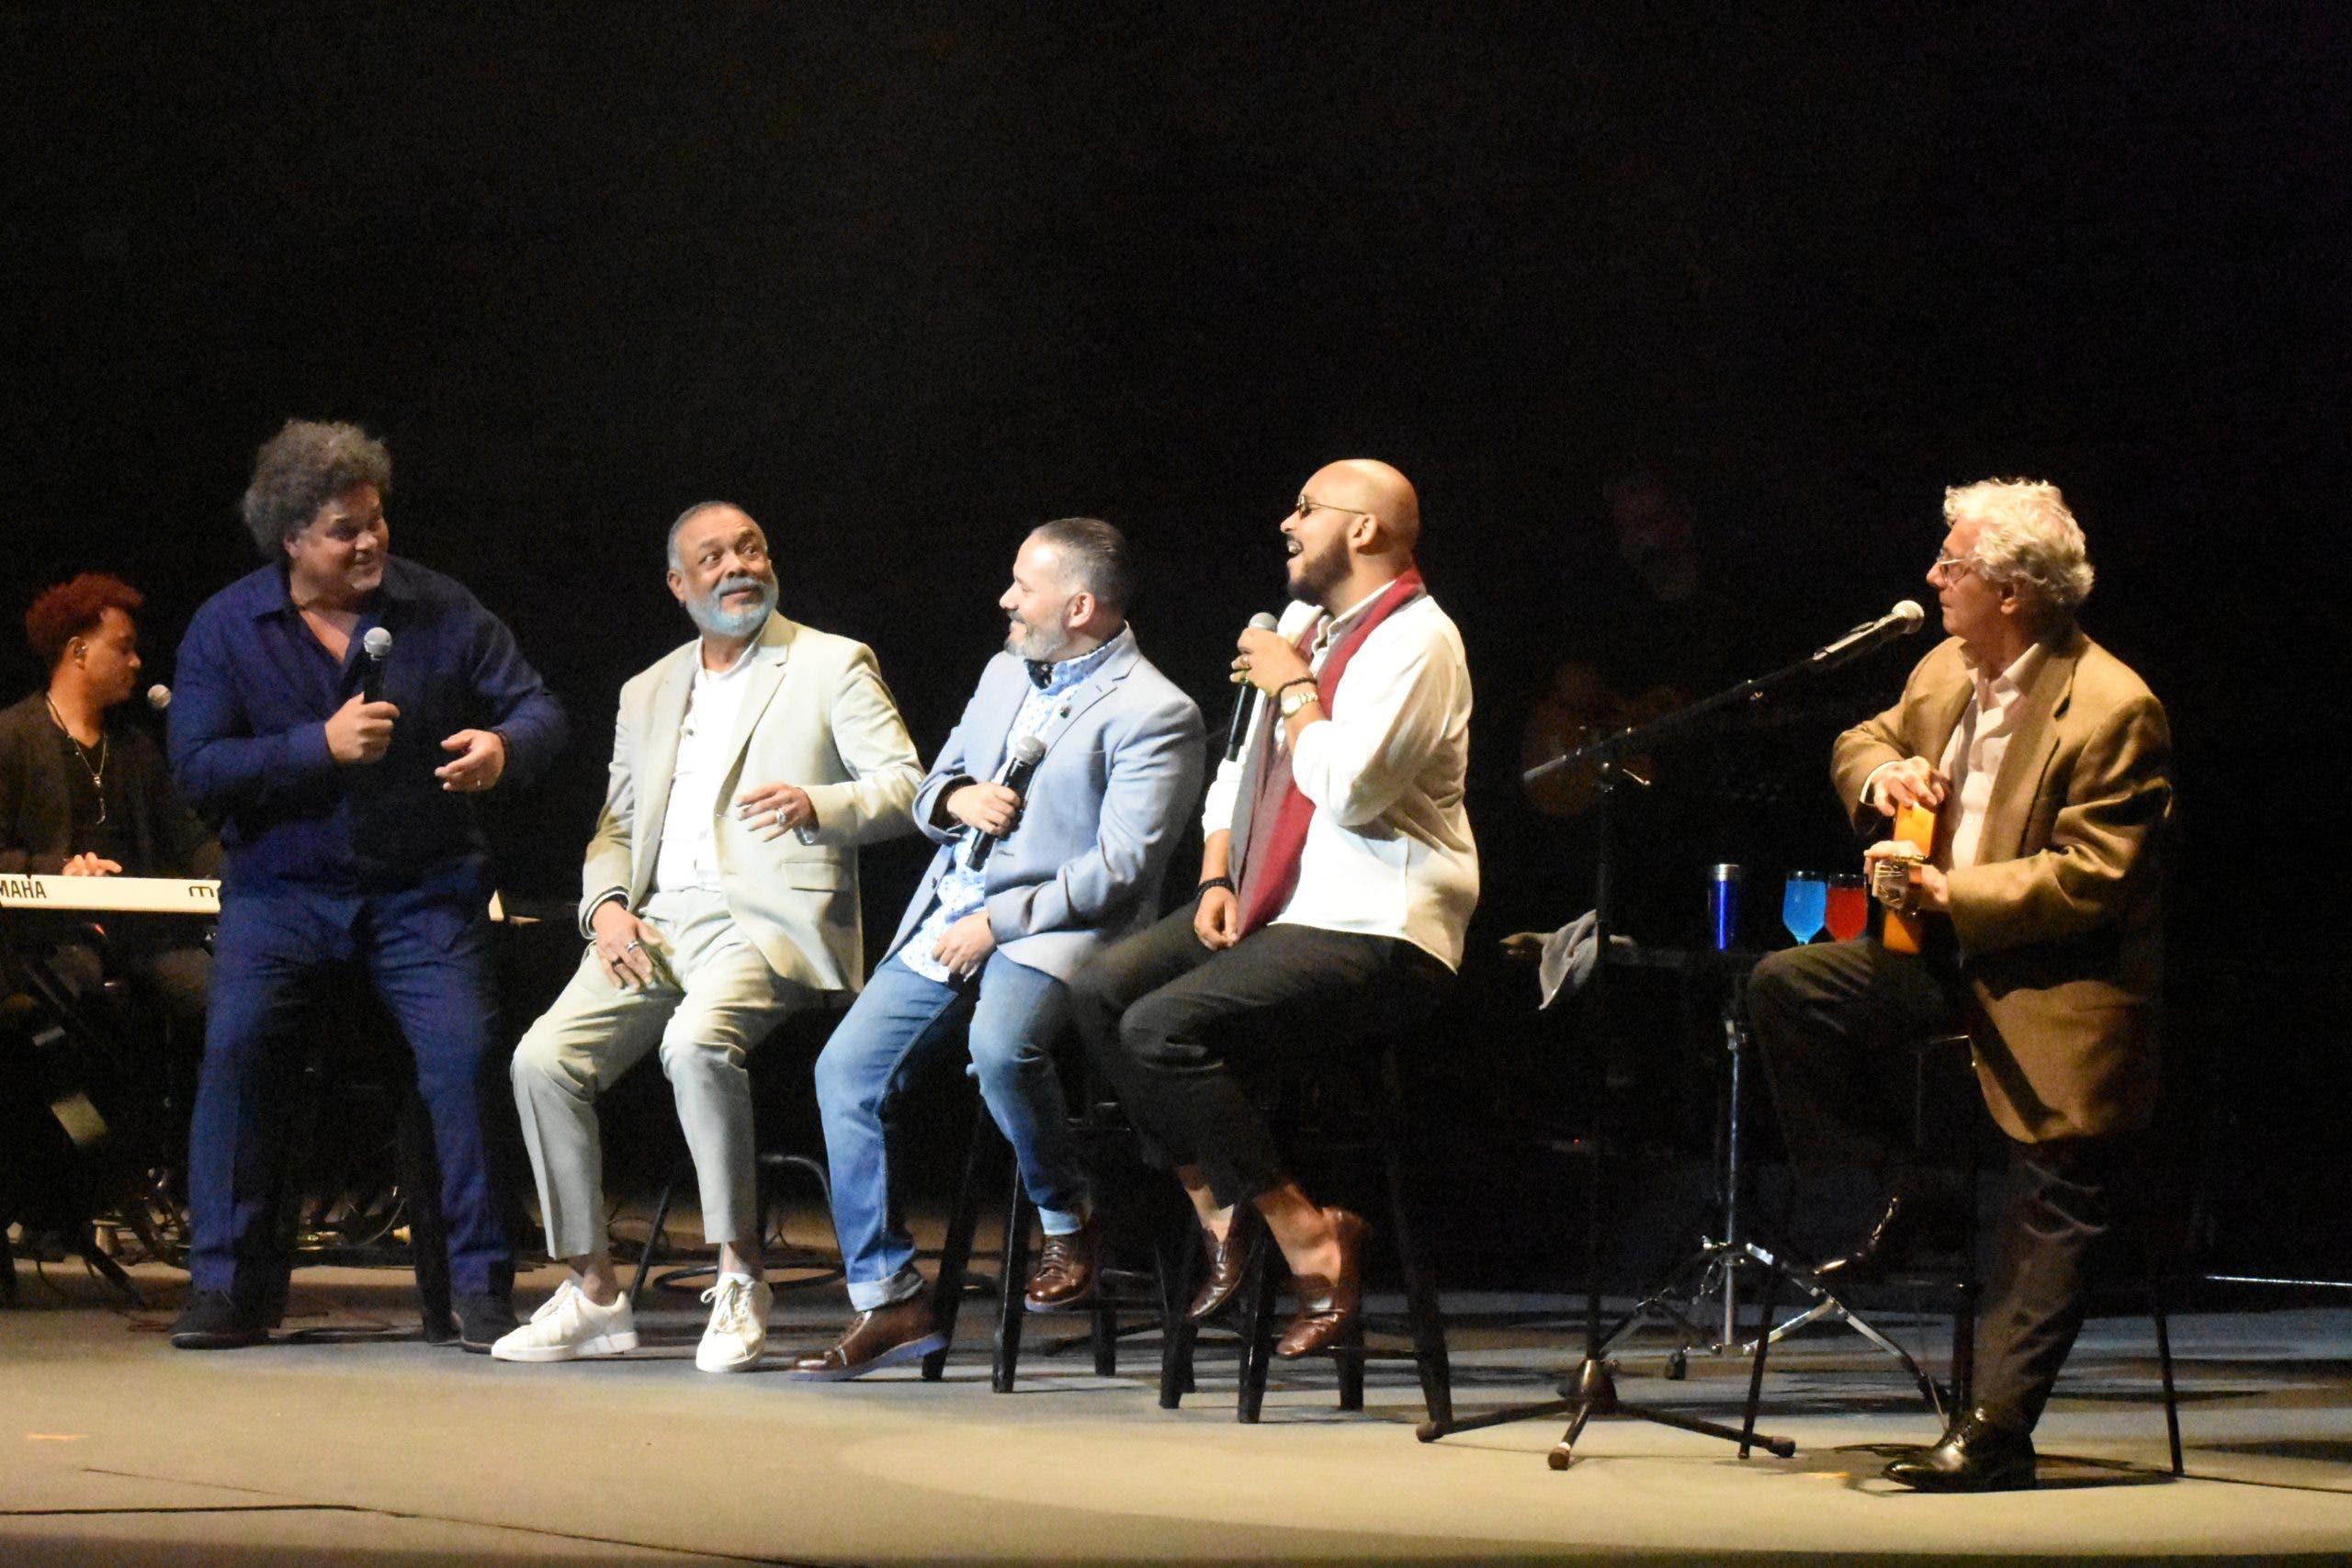 Francisco Céspedes emociona con sus canciones a seguidores en el TN